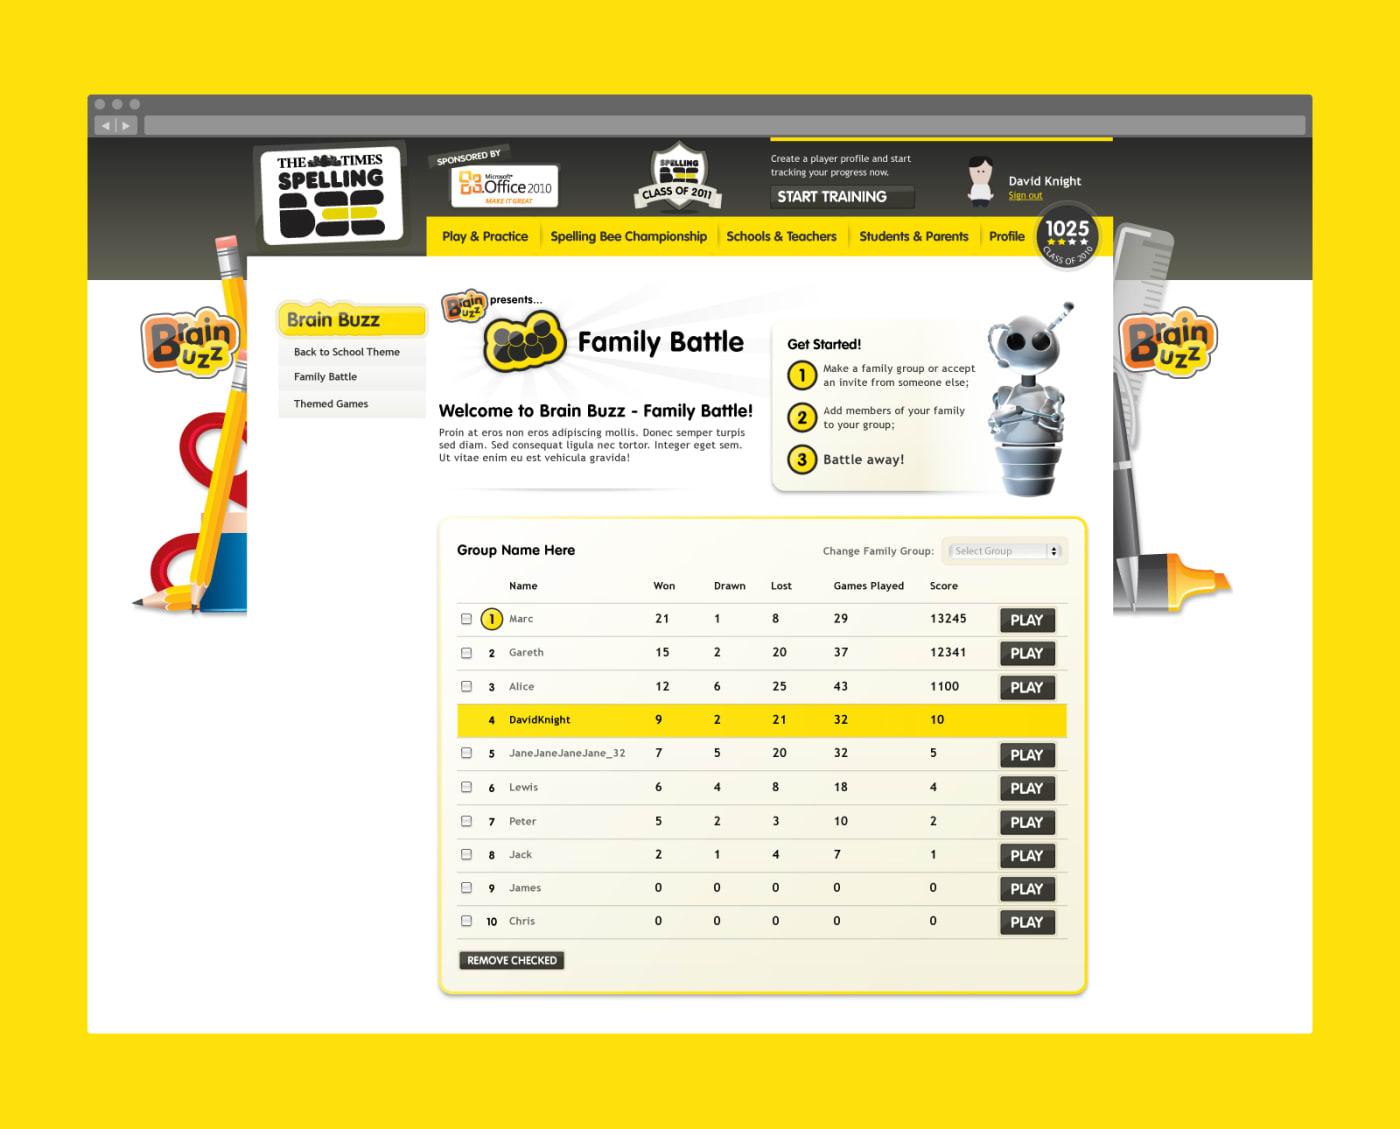 Desktop site showing the 'Family Battle' league table.